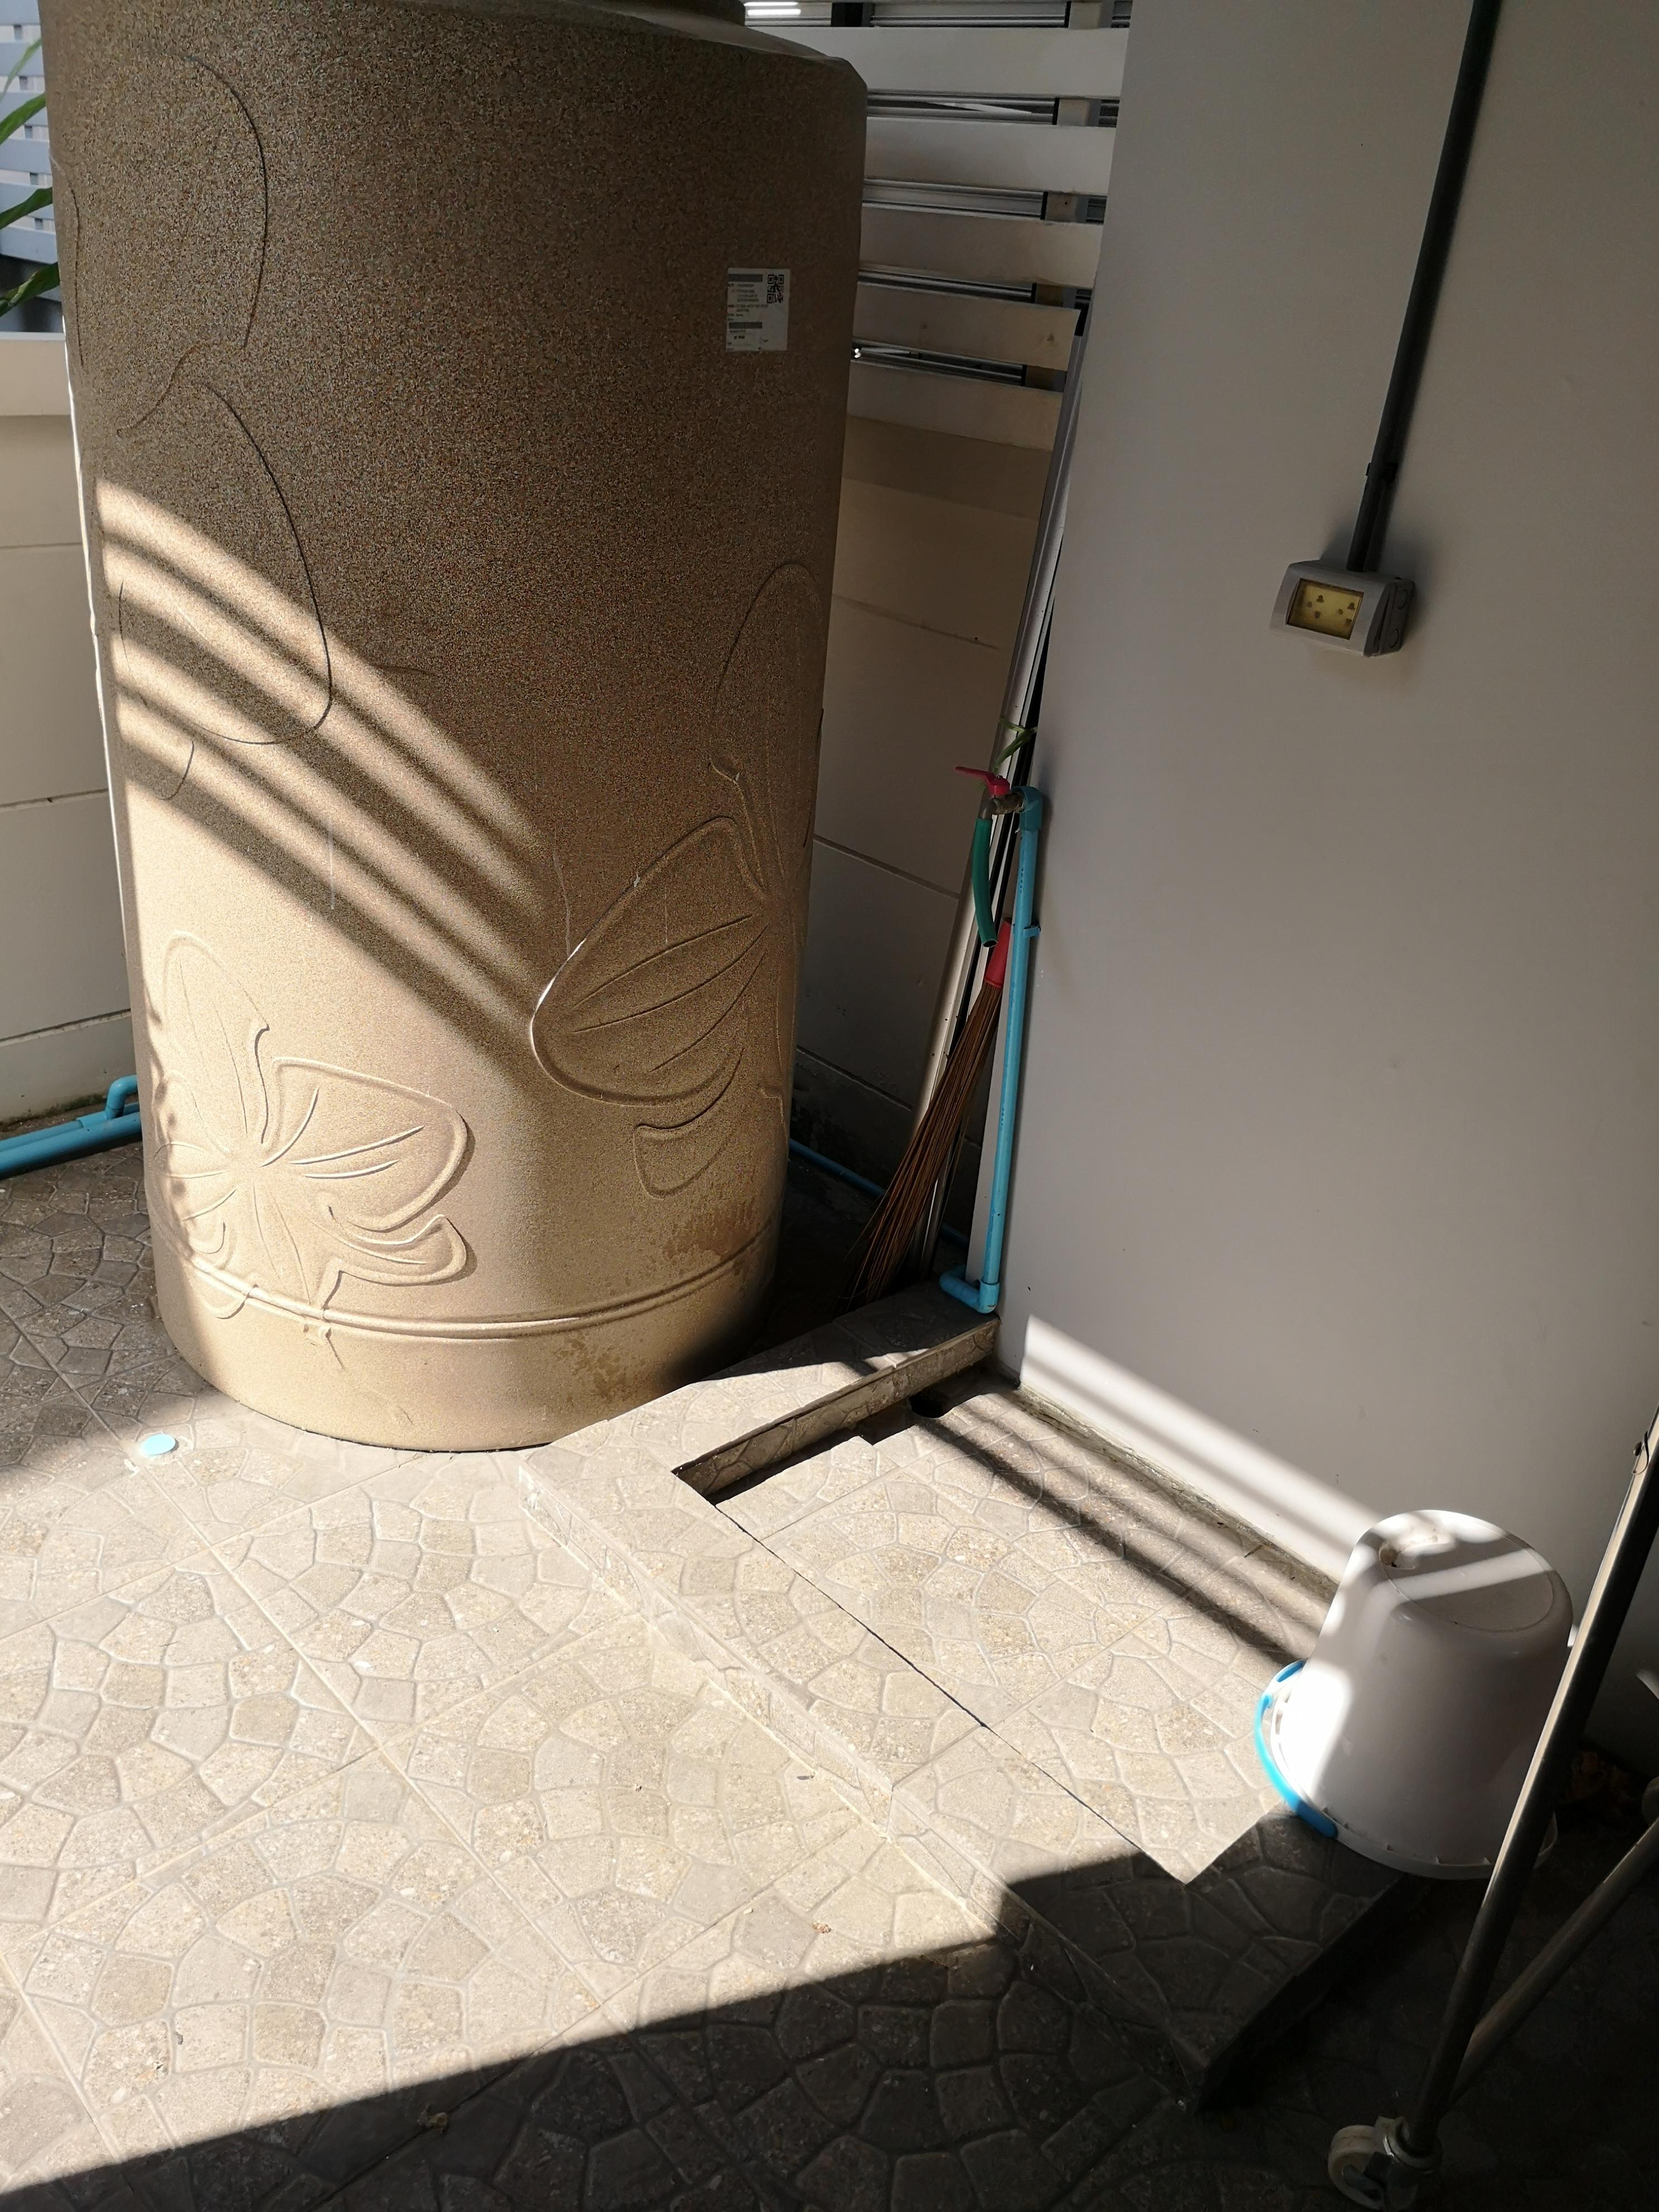 ขายบ้าน ในโครงการ ไลฟ์ บางกอก บูเลอวาร์ด วงแหวน-อ่อนนุช 2 2 ชั้น ในโครงการ ไลฟ์ บางกอก บูเลอวาร์ด กรุณาติดต่อเจ้าของบ้านเพื่อรับข้อมูลเพิ่มเติม ดอกไม้ · ประเวศ · กรุงเทพมหานคร , ภาพที่ 5